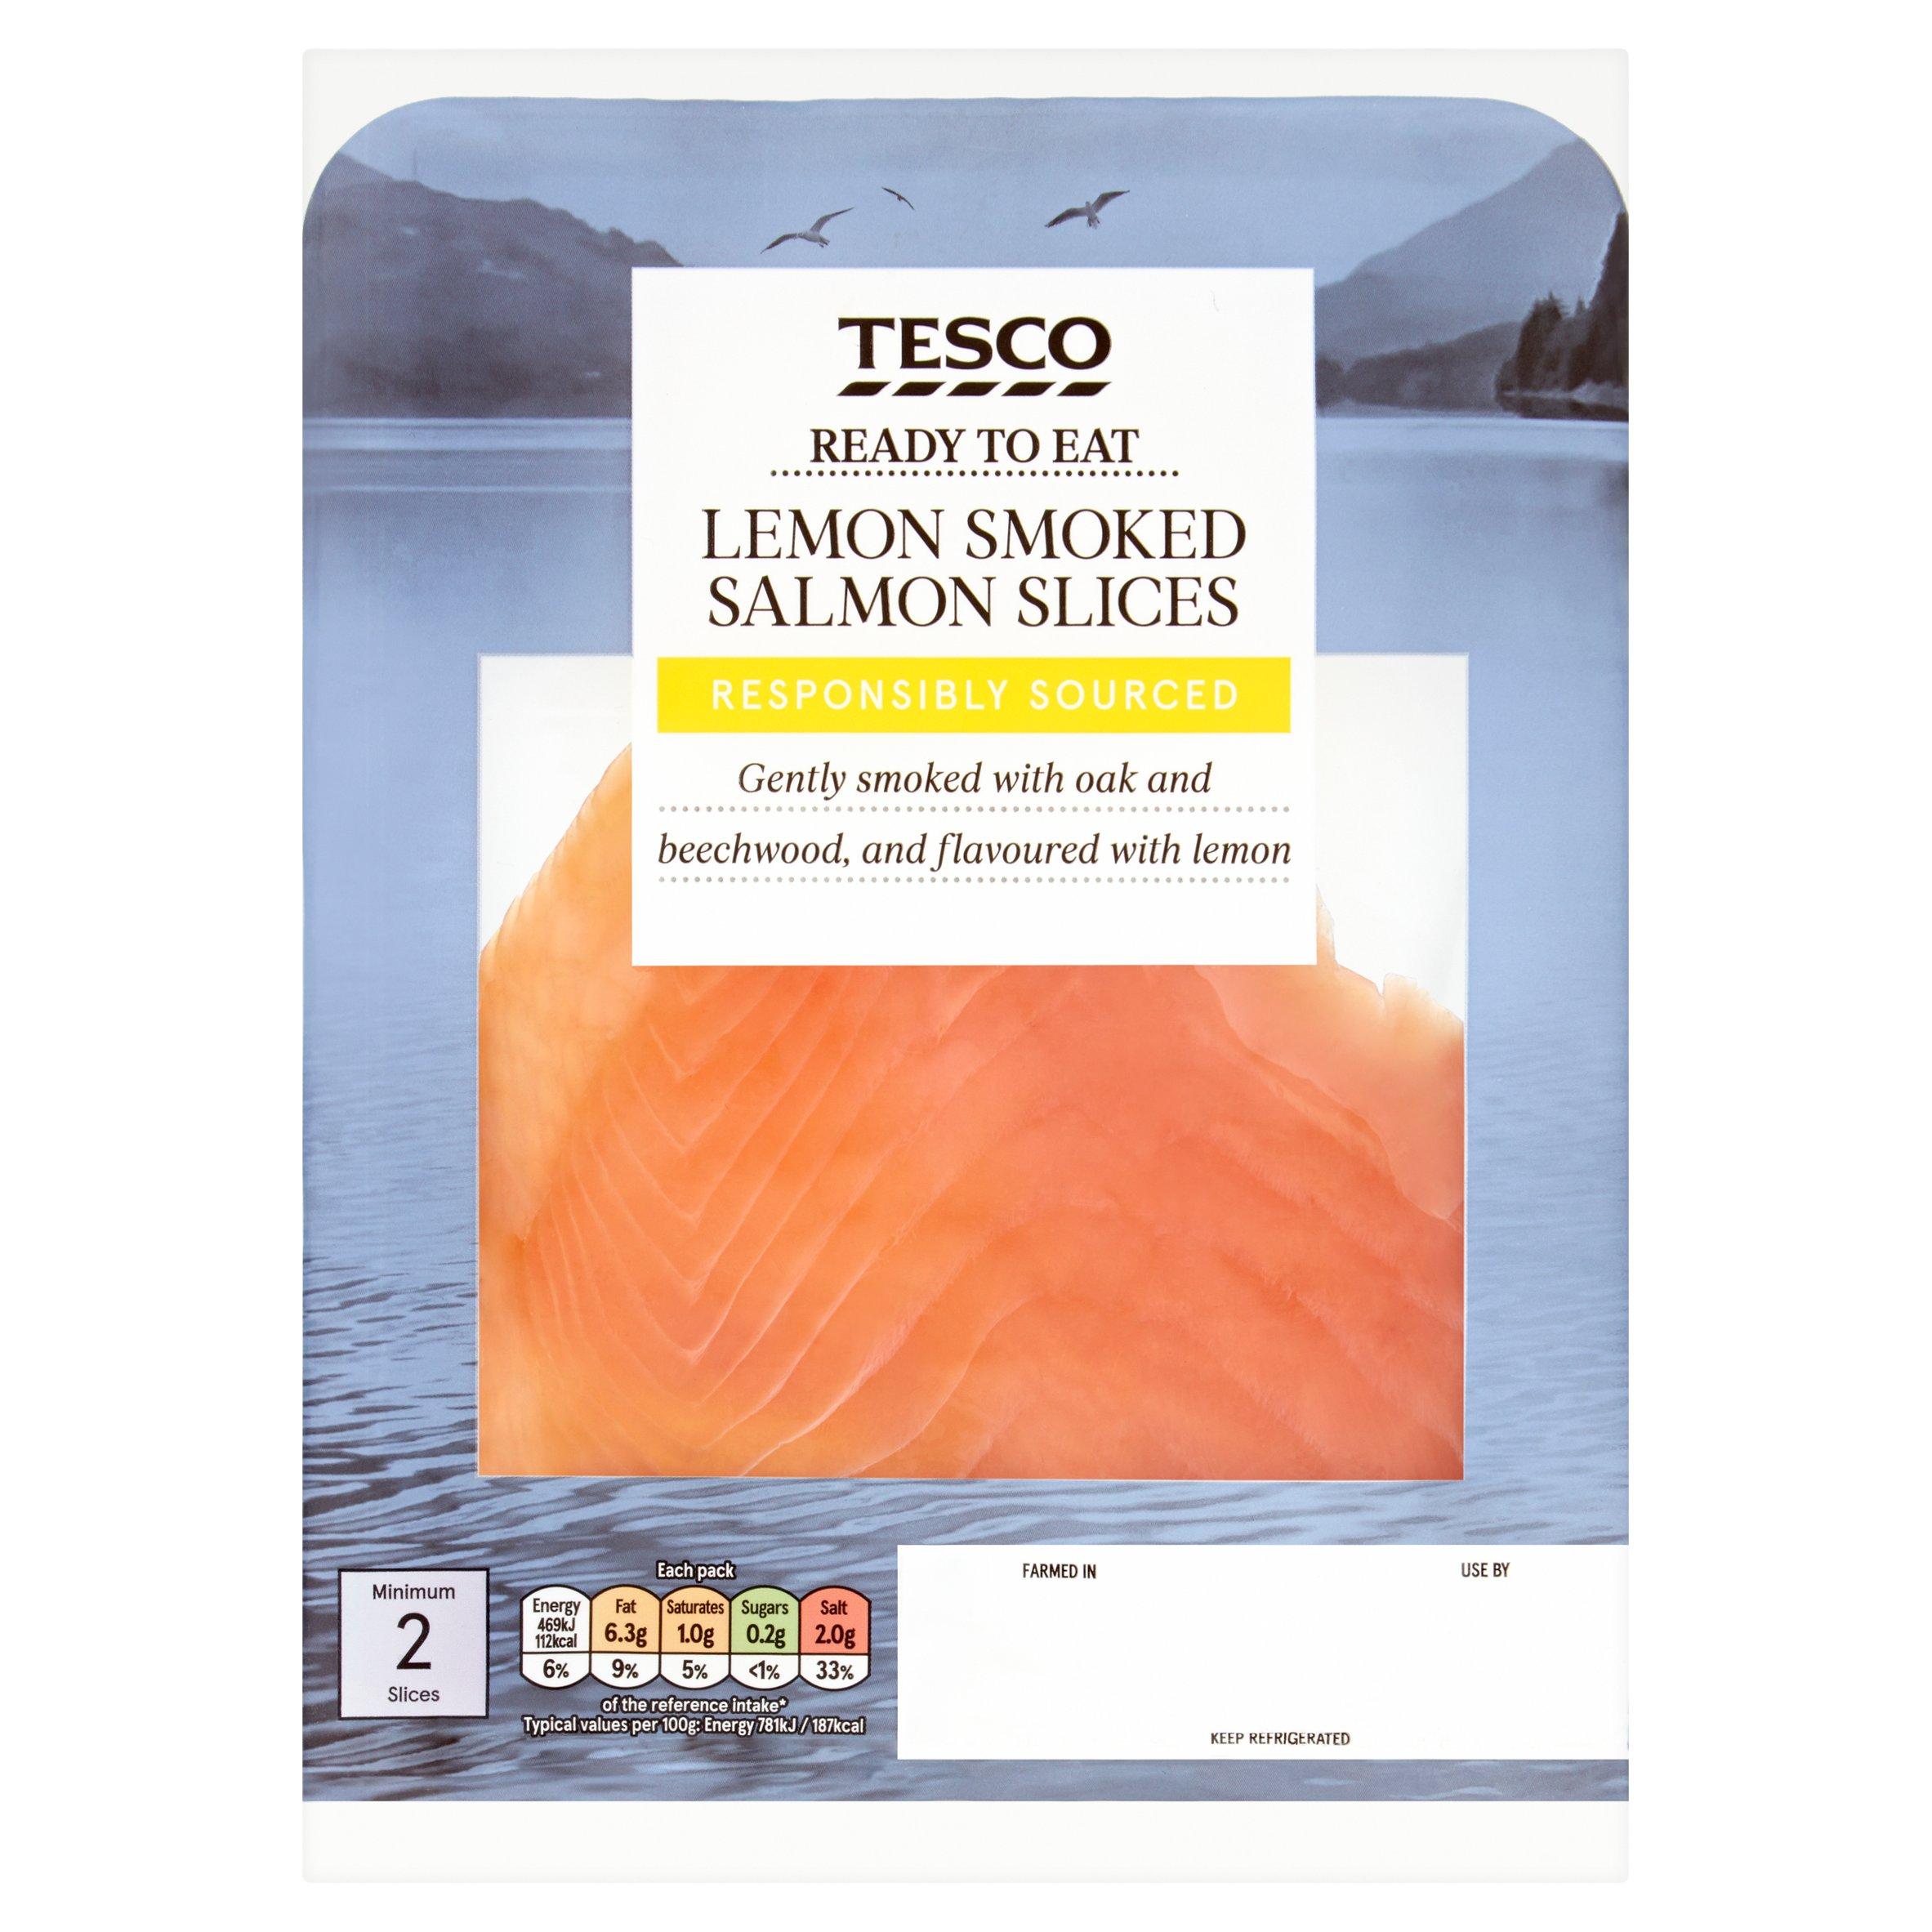 Tesco Lemon Smoked Salmon Slices 60G